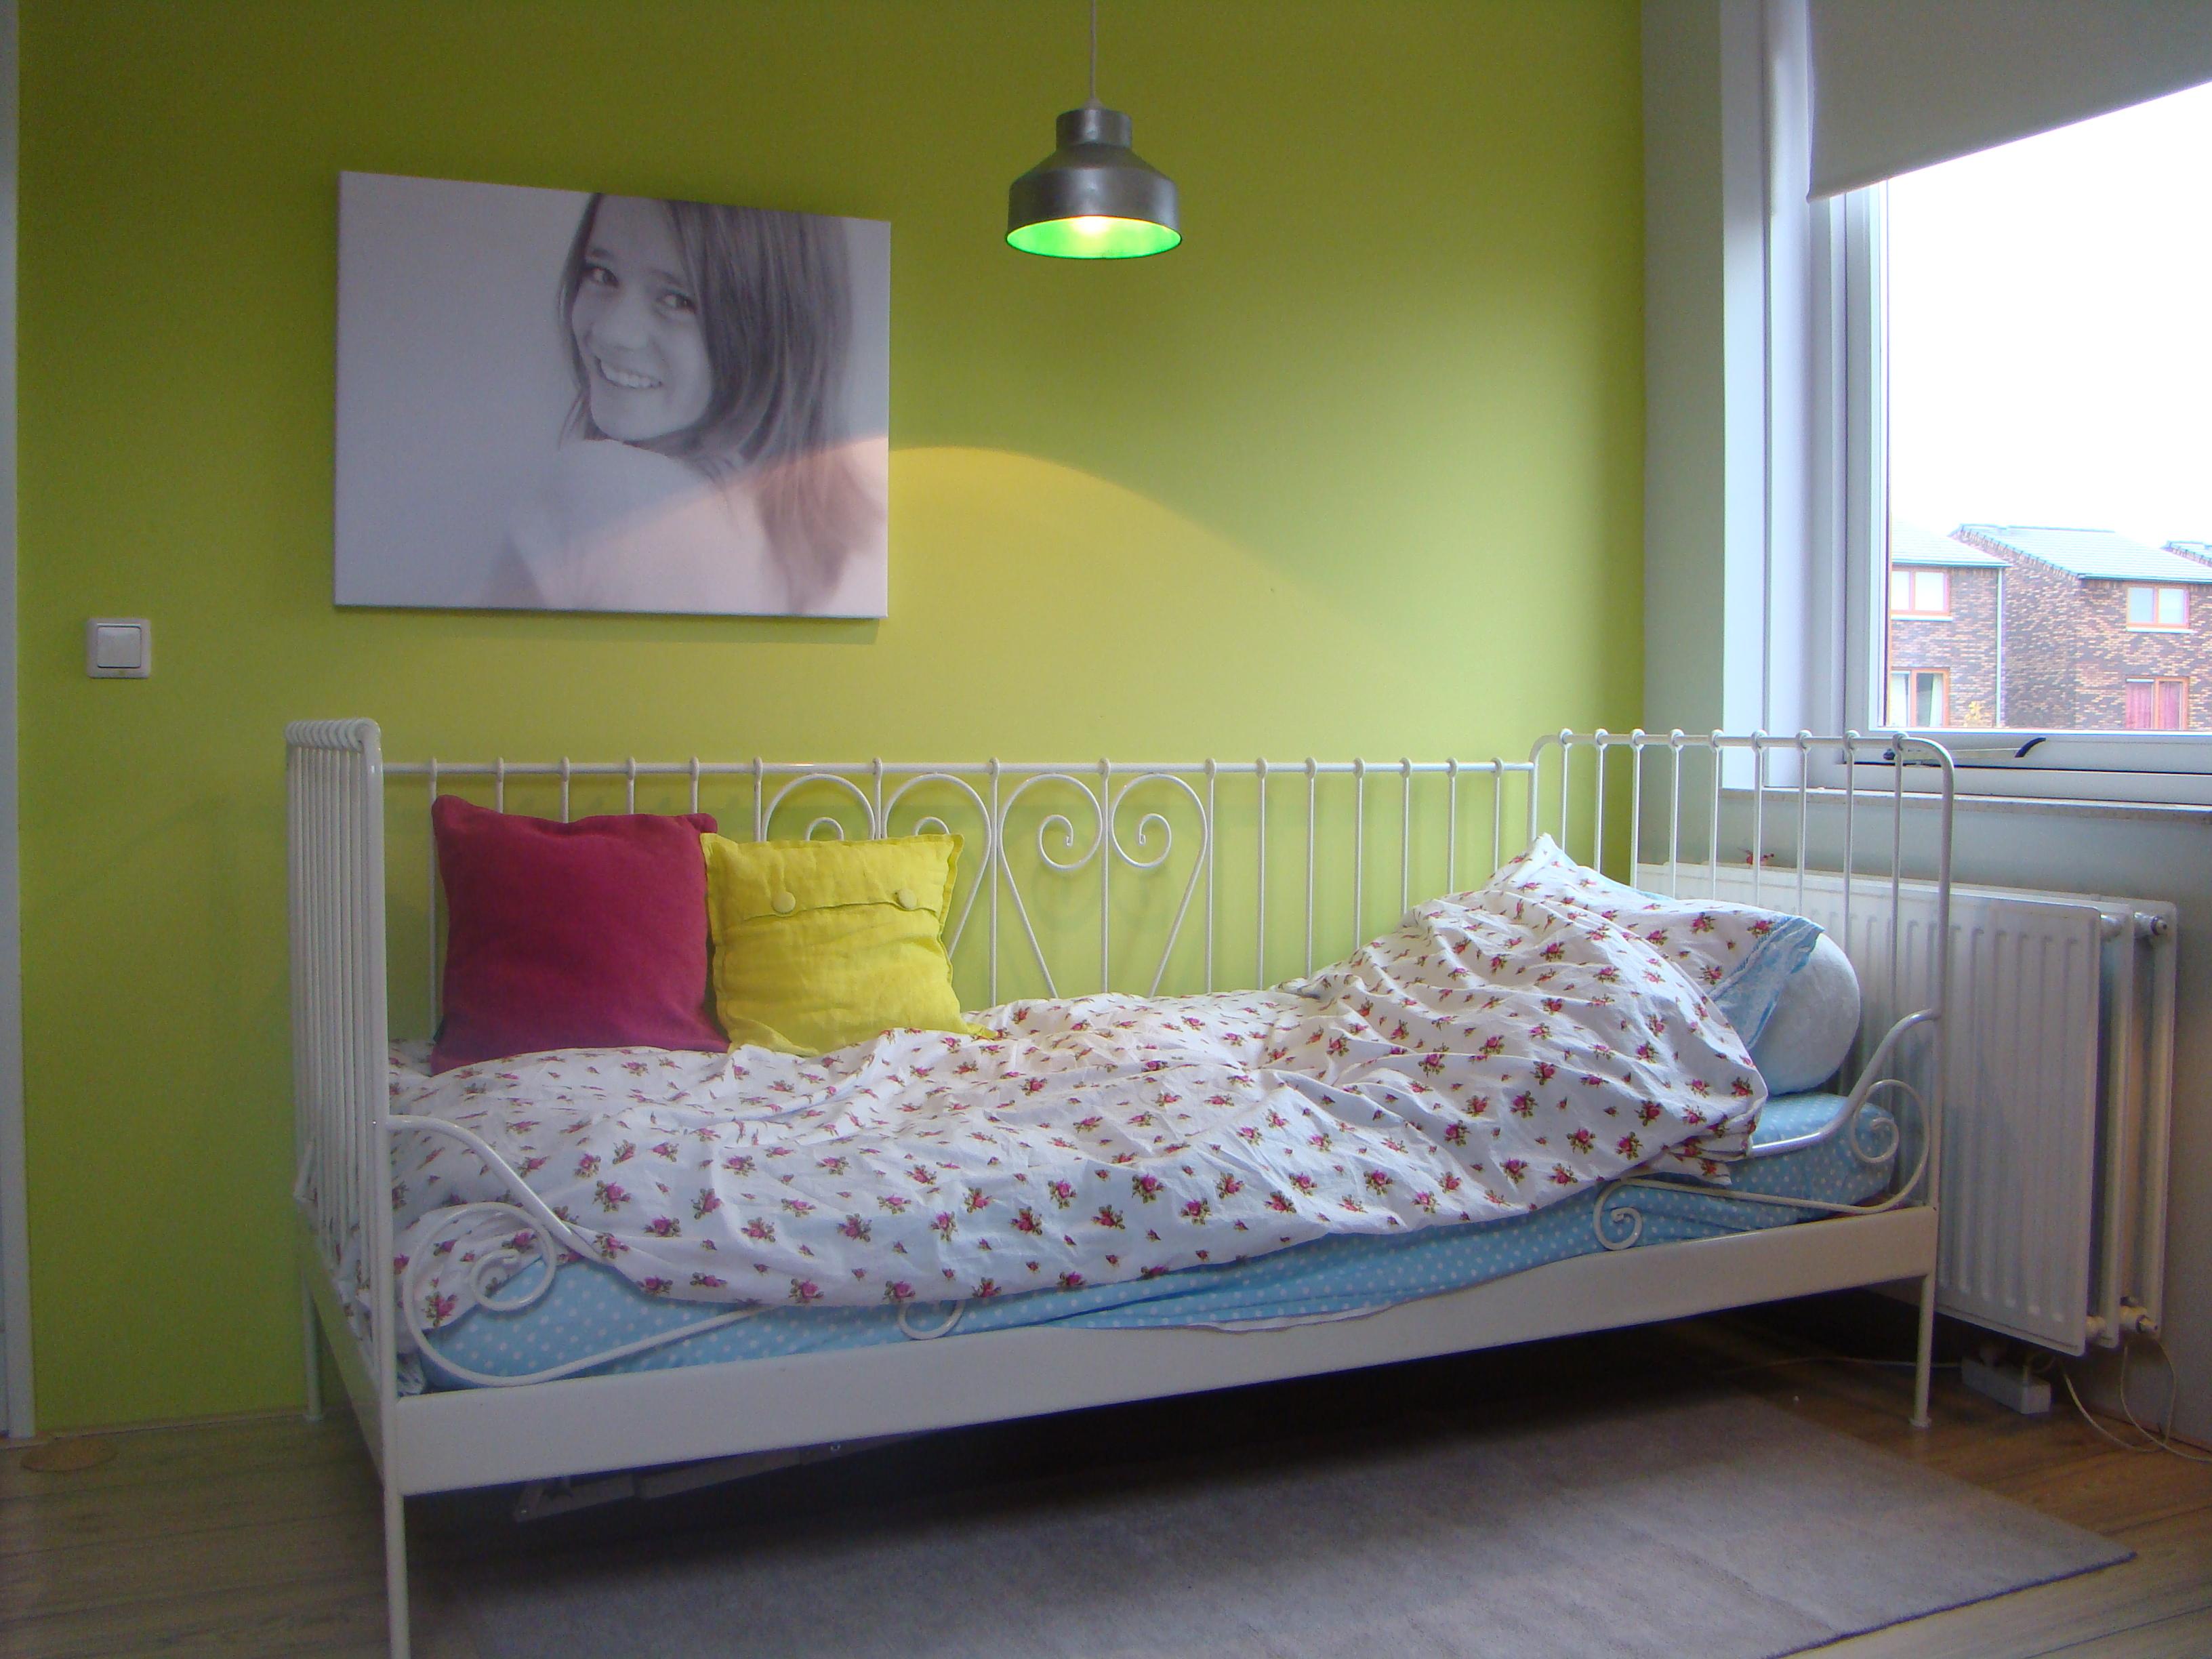 Diy slaapkamer decoratie beste inspiratie voor interieur design en meubels idee n - Slaapkamer slaapkamer decoratie ...